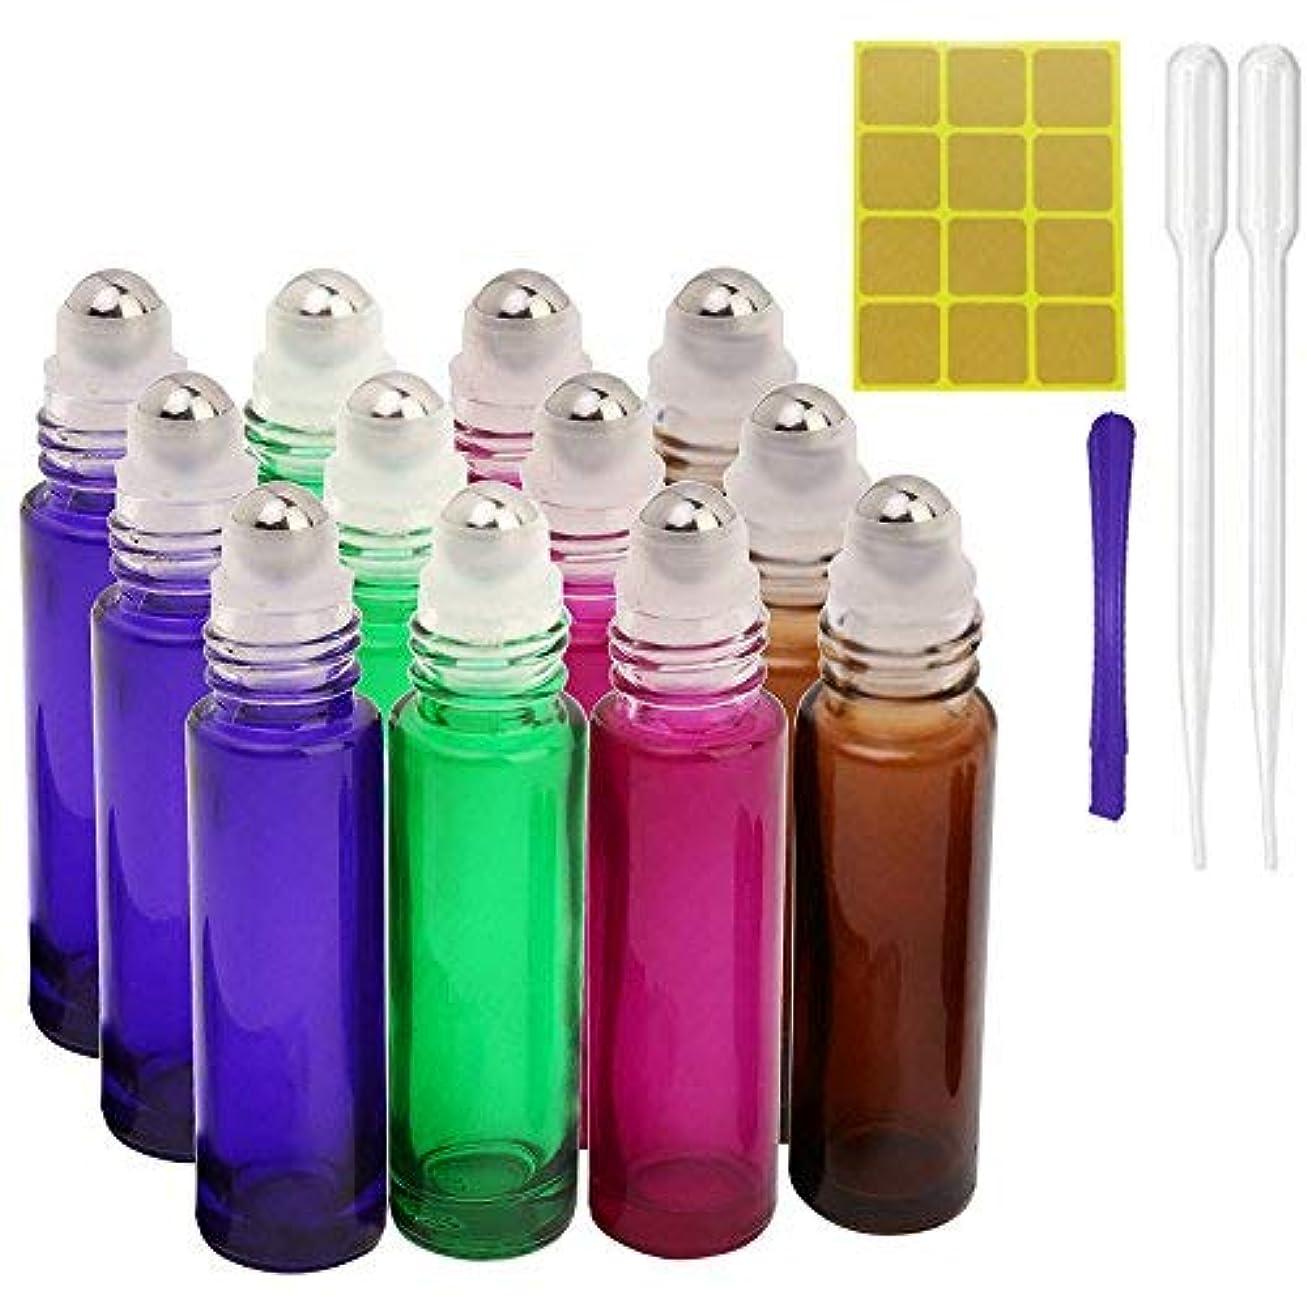 ロードされた持っている垂直12, 10ml Roller Bottles for Essential Oils - Glass Refillable Roller on Bottles with 1 Opener, 2 Droppers, 24...